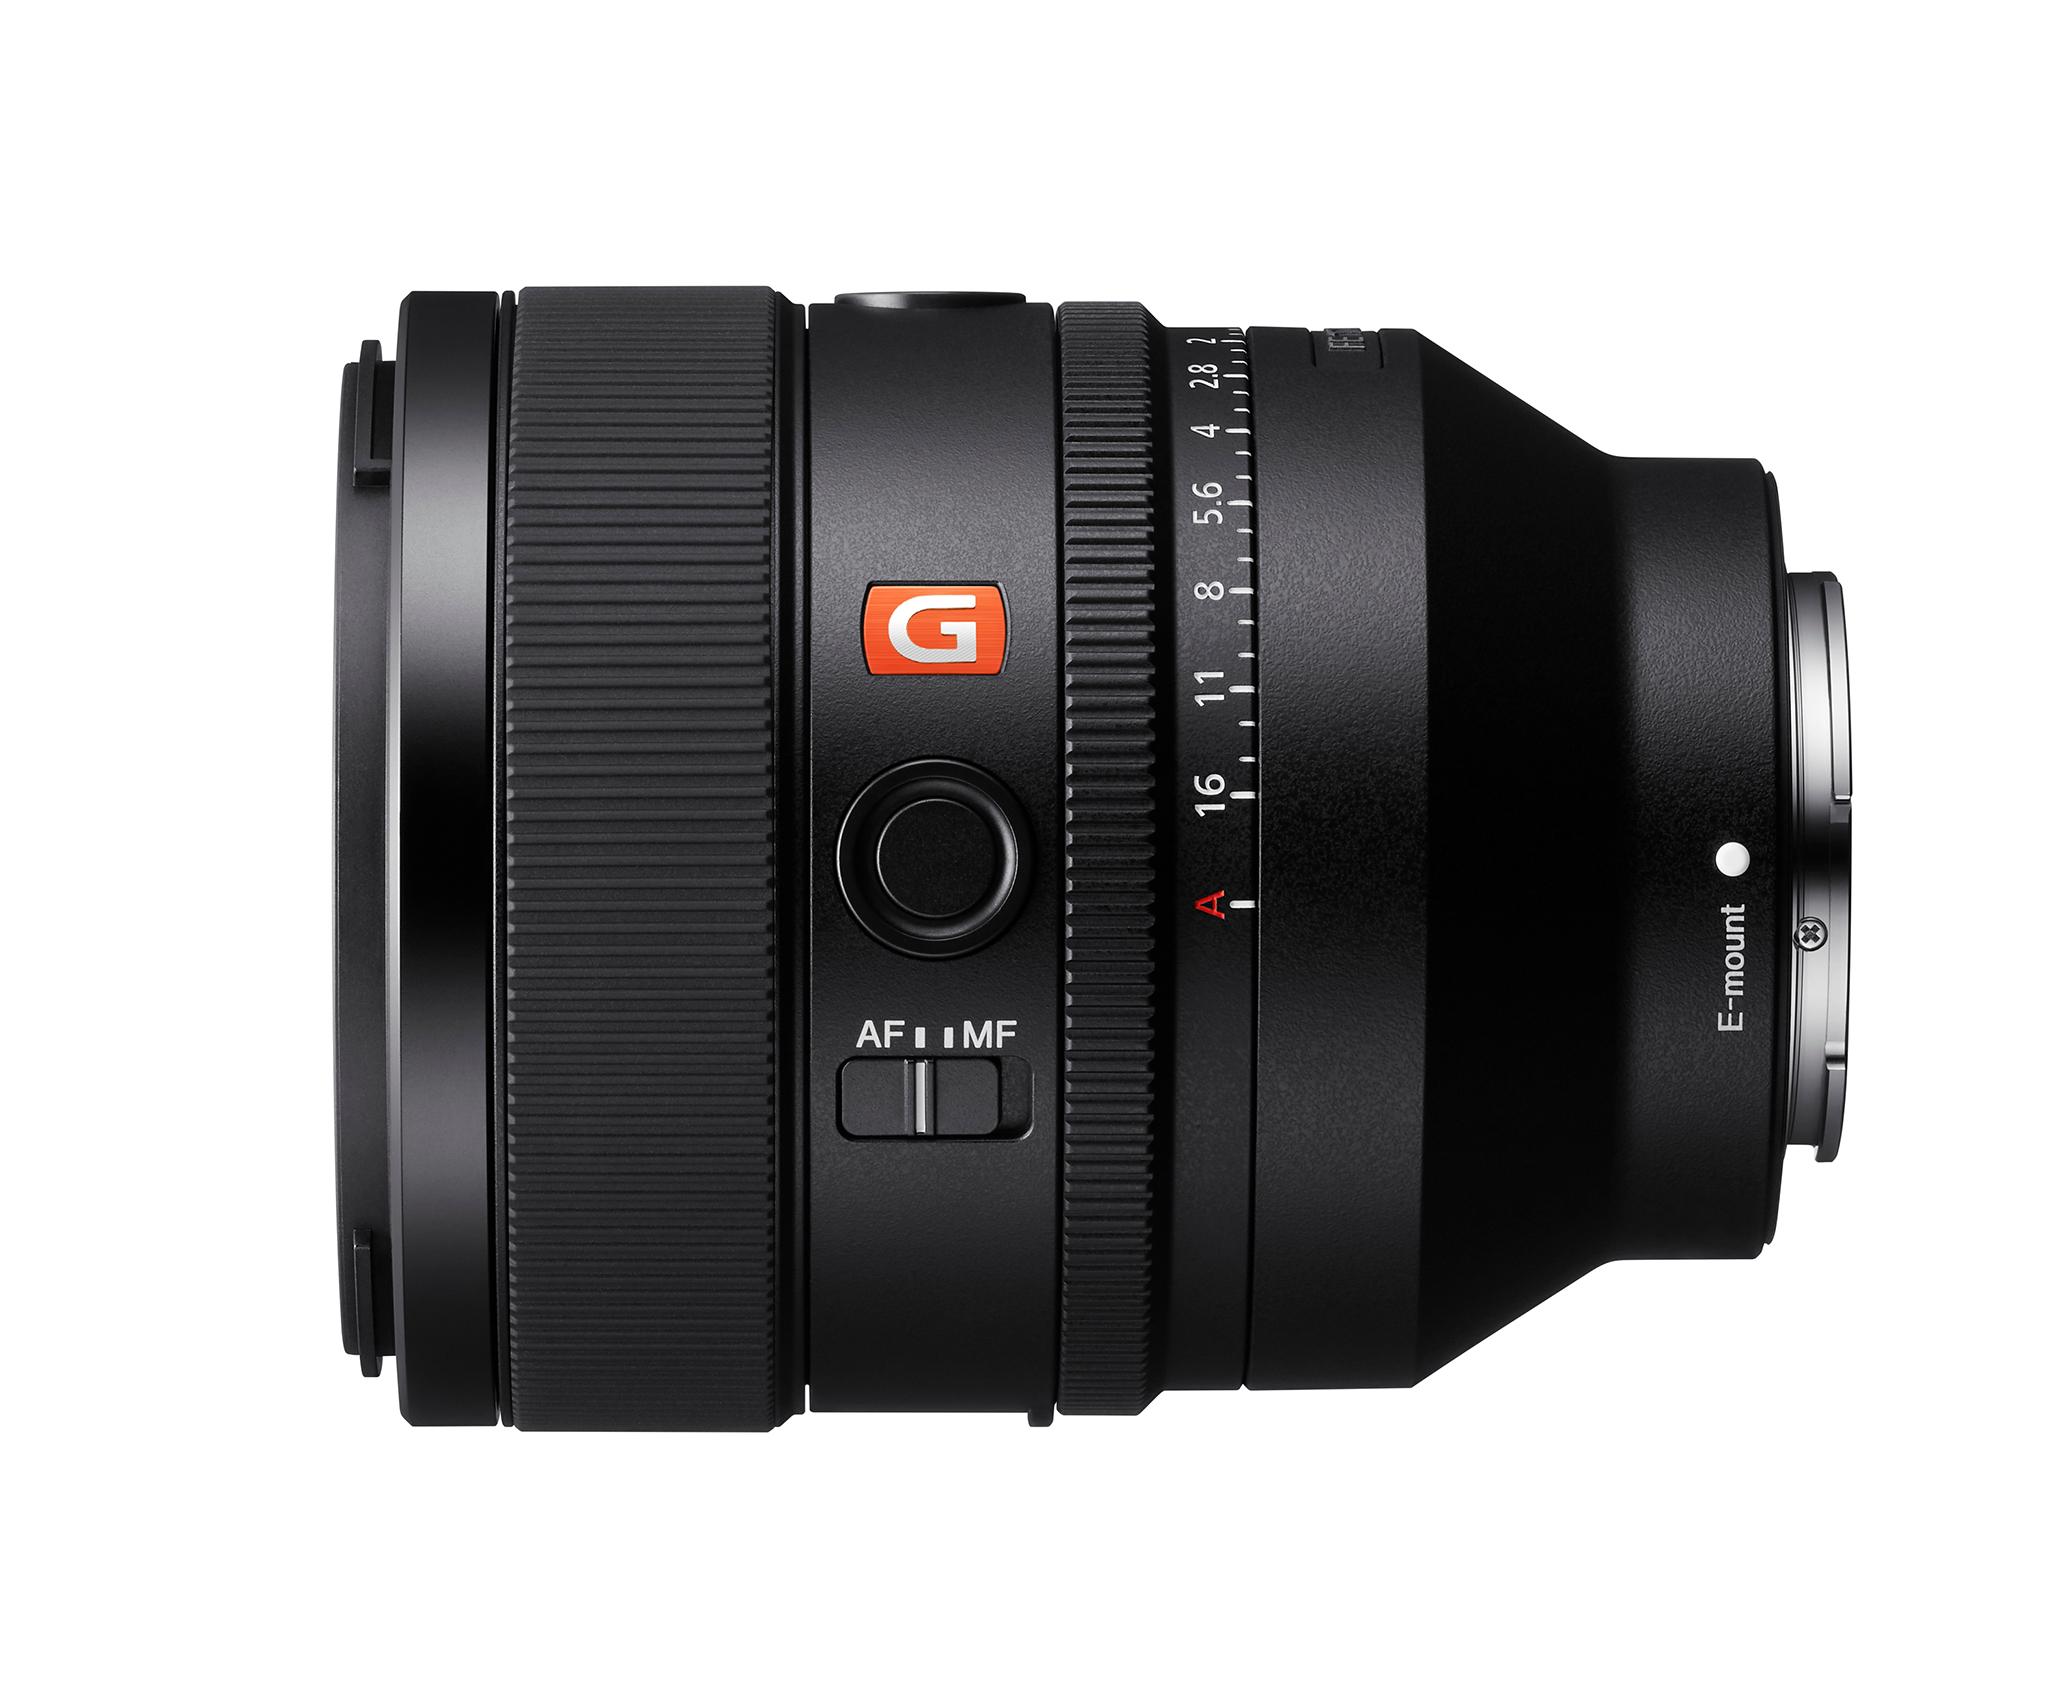 Sony ra mắt ống kính FE 50mm F1.2 G Master và 3 ống kính dòng G nhỏ gọn nhẹ mới, giá 49.99/14.99 triệu đồng - Ảnh 2.